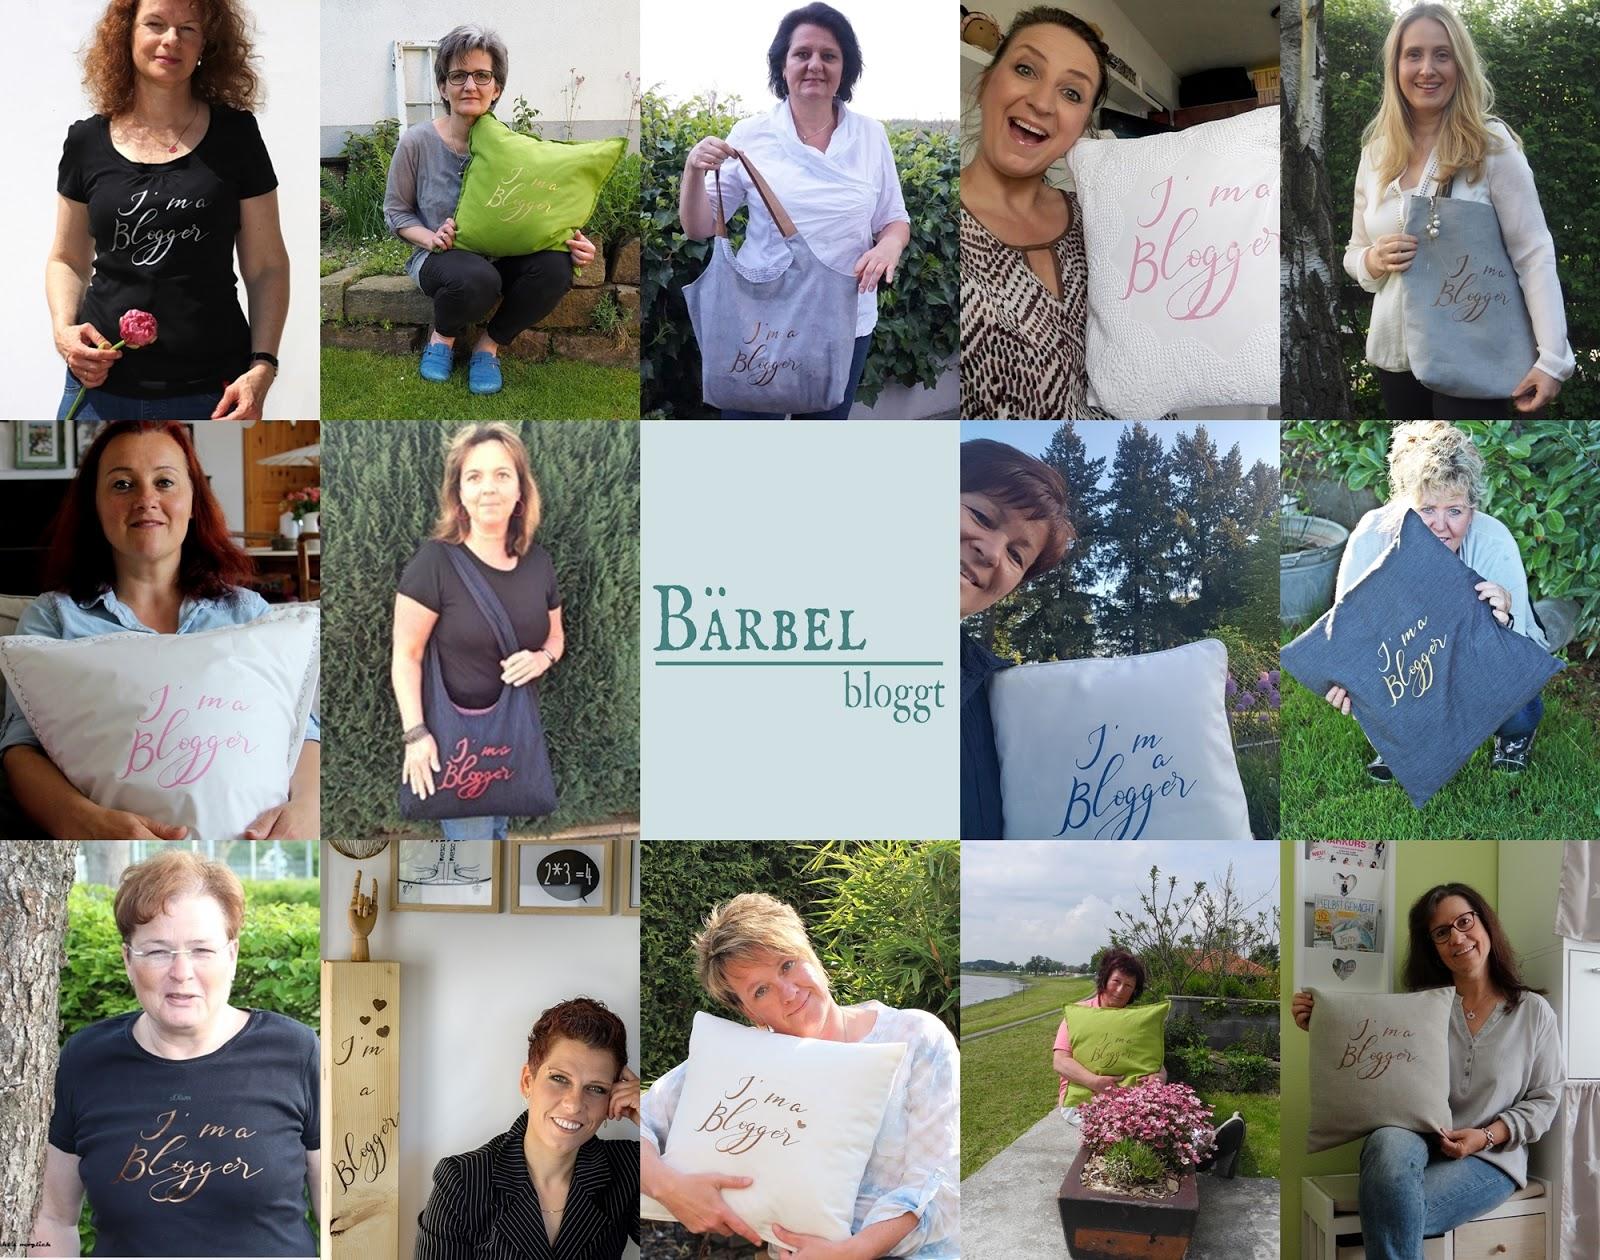 I'm a Blogger - Die Bärbels